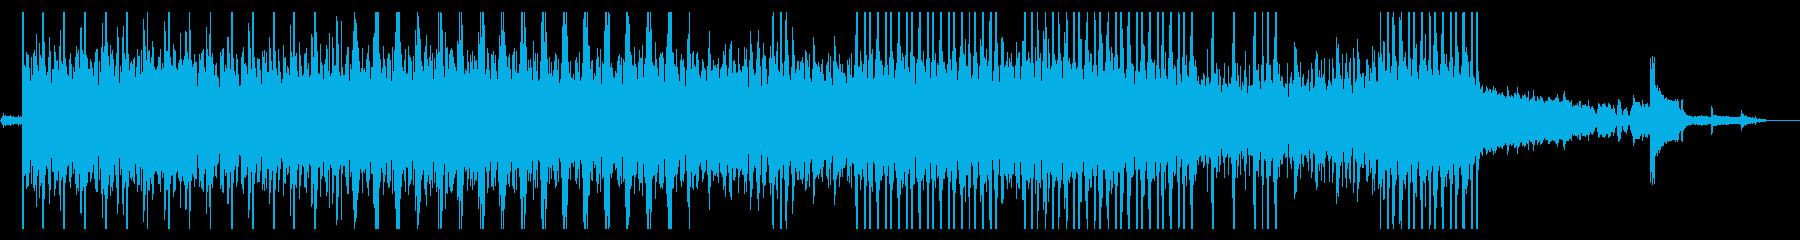 怪しげな雰囲気のテクノサウンドの再生済みの波形